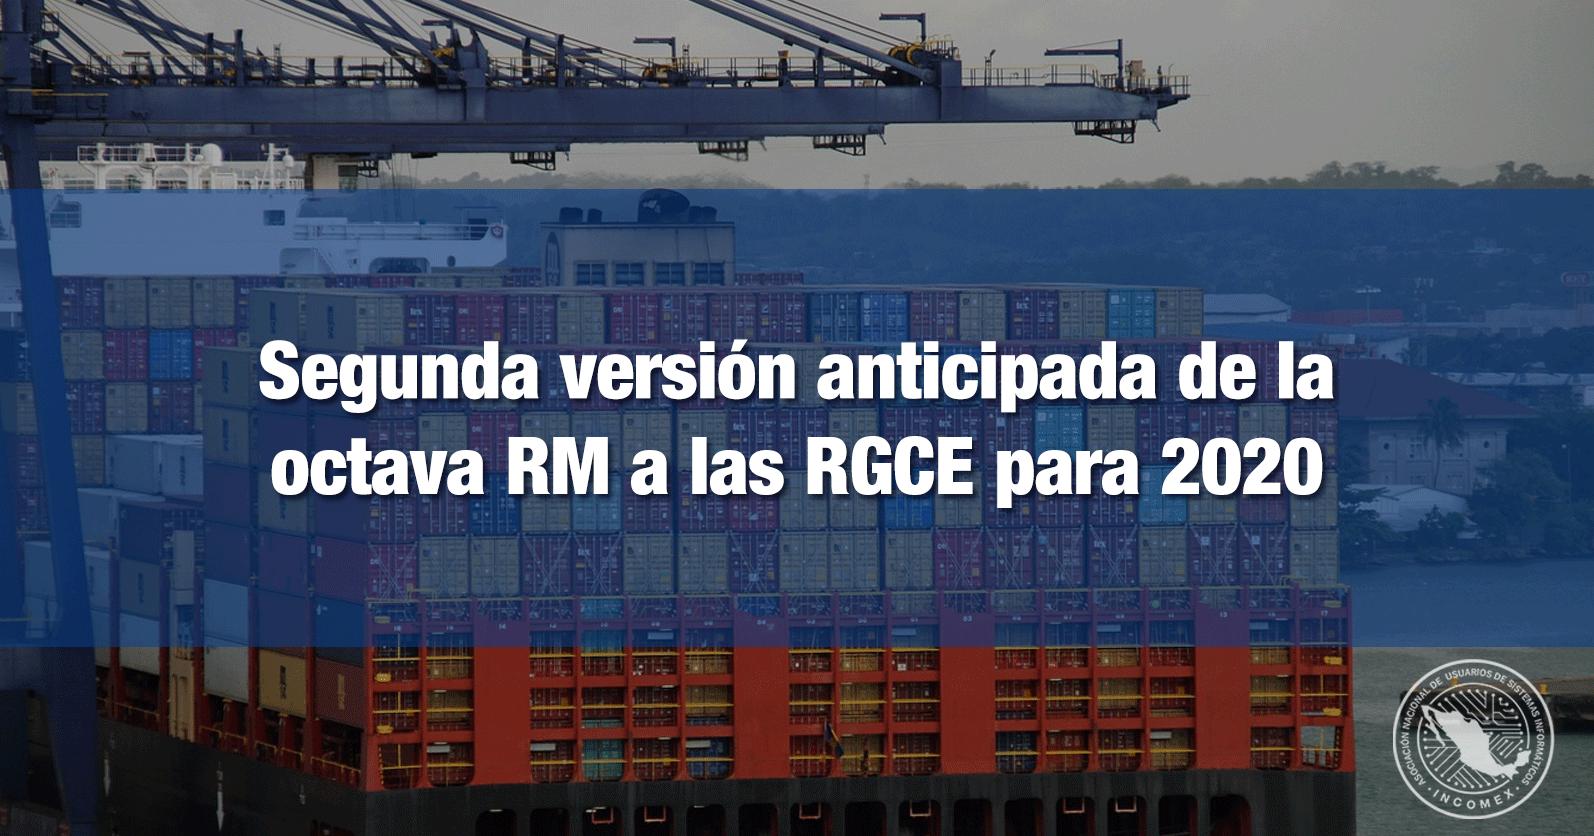 Segunda versión anticipada de la octava RM a las RGCE para 2020